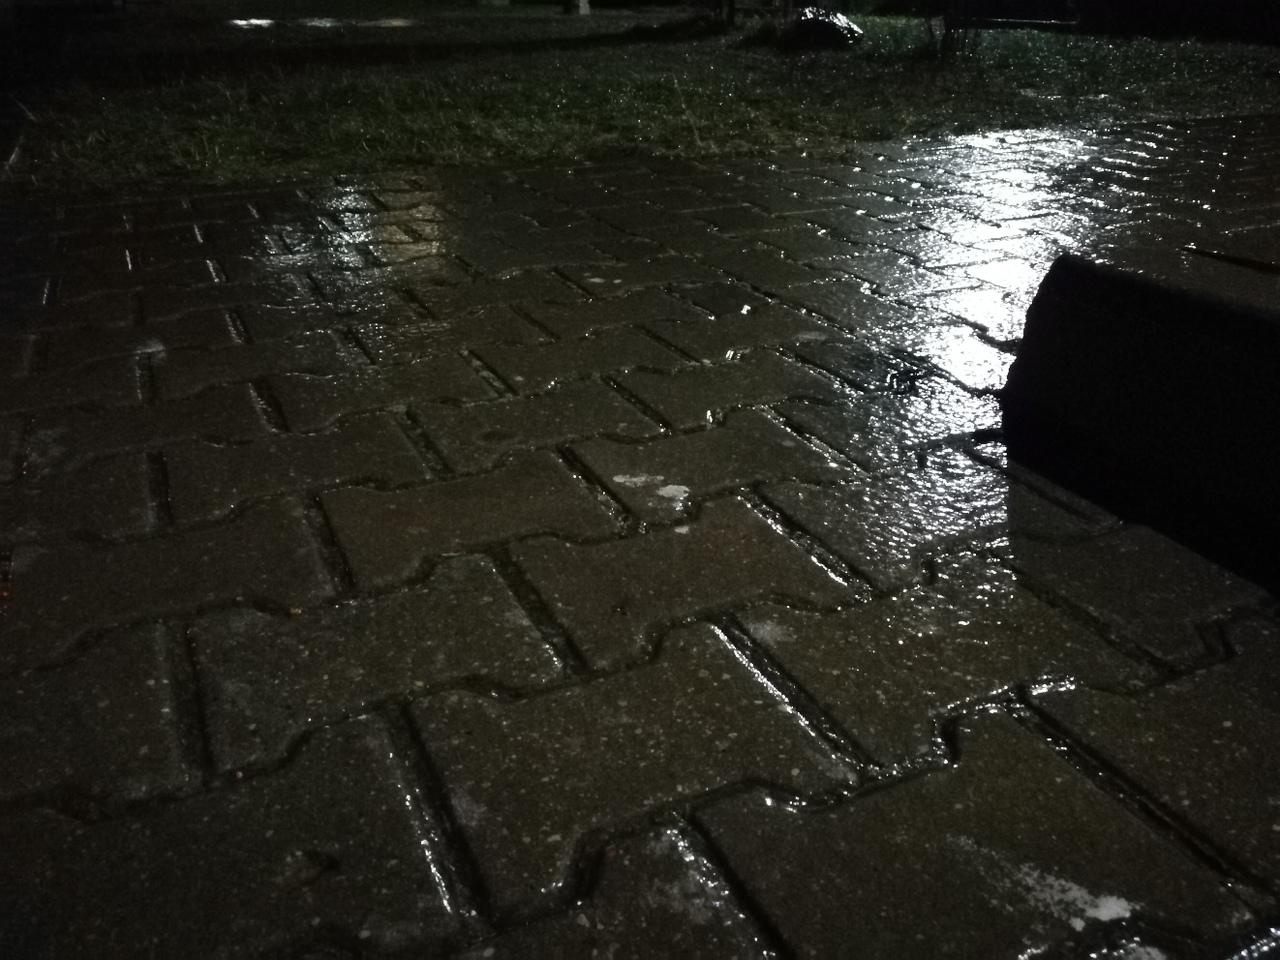 В Бресте идёт дождь и замерзает на дорогах и тротуарах - сильнейшая гололедица